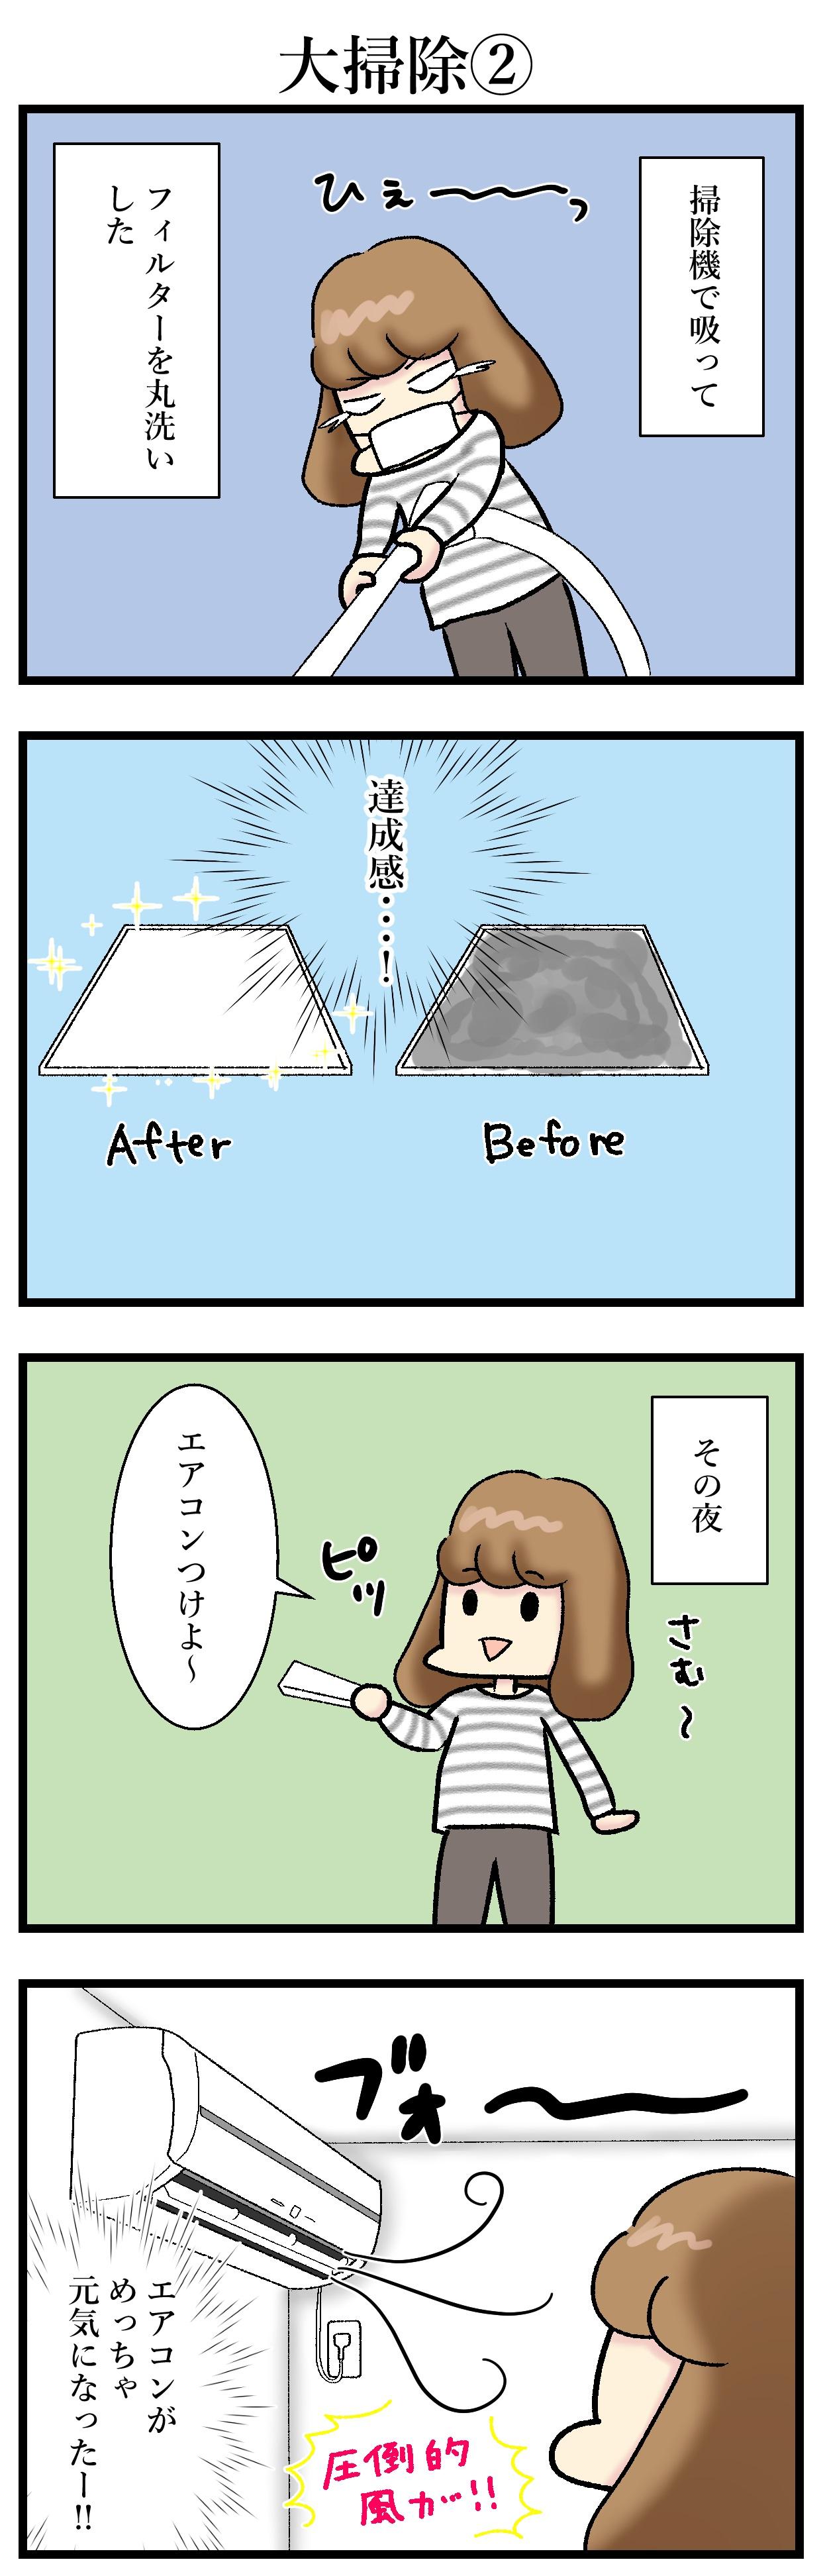 【エッセイ漫画】アラサー主婦くま子のふがいない日常(81)